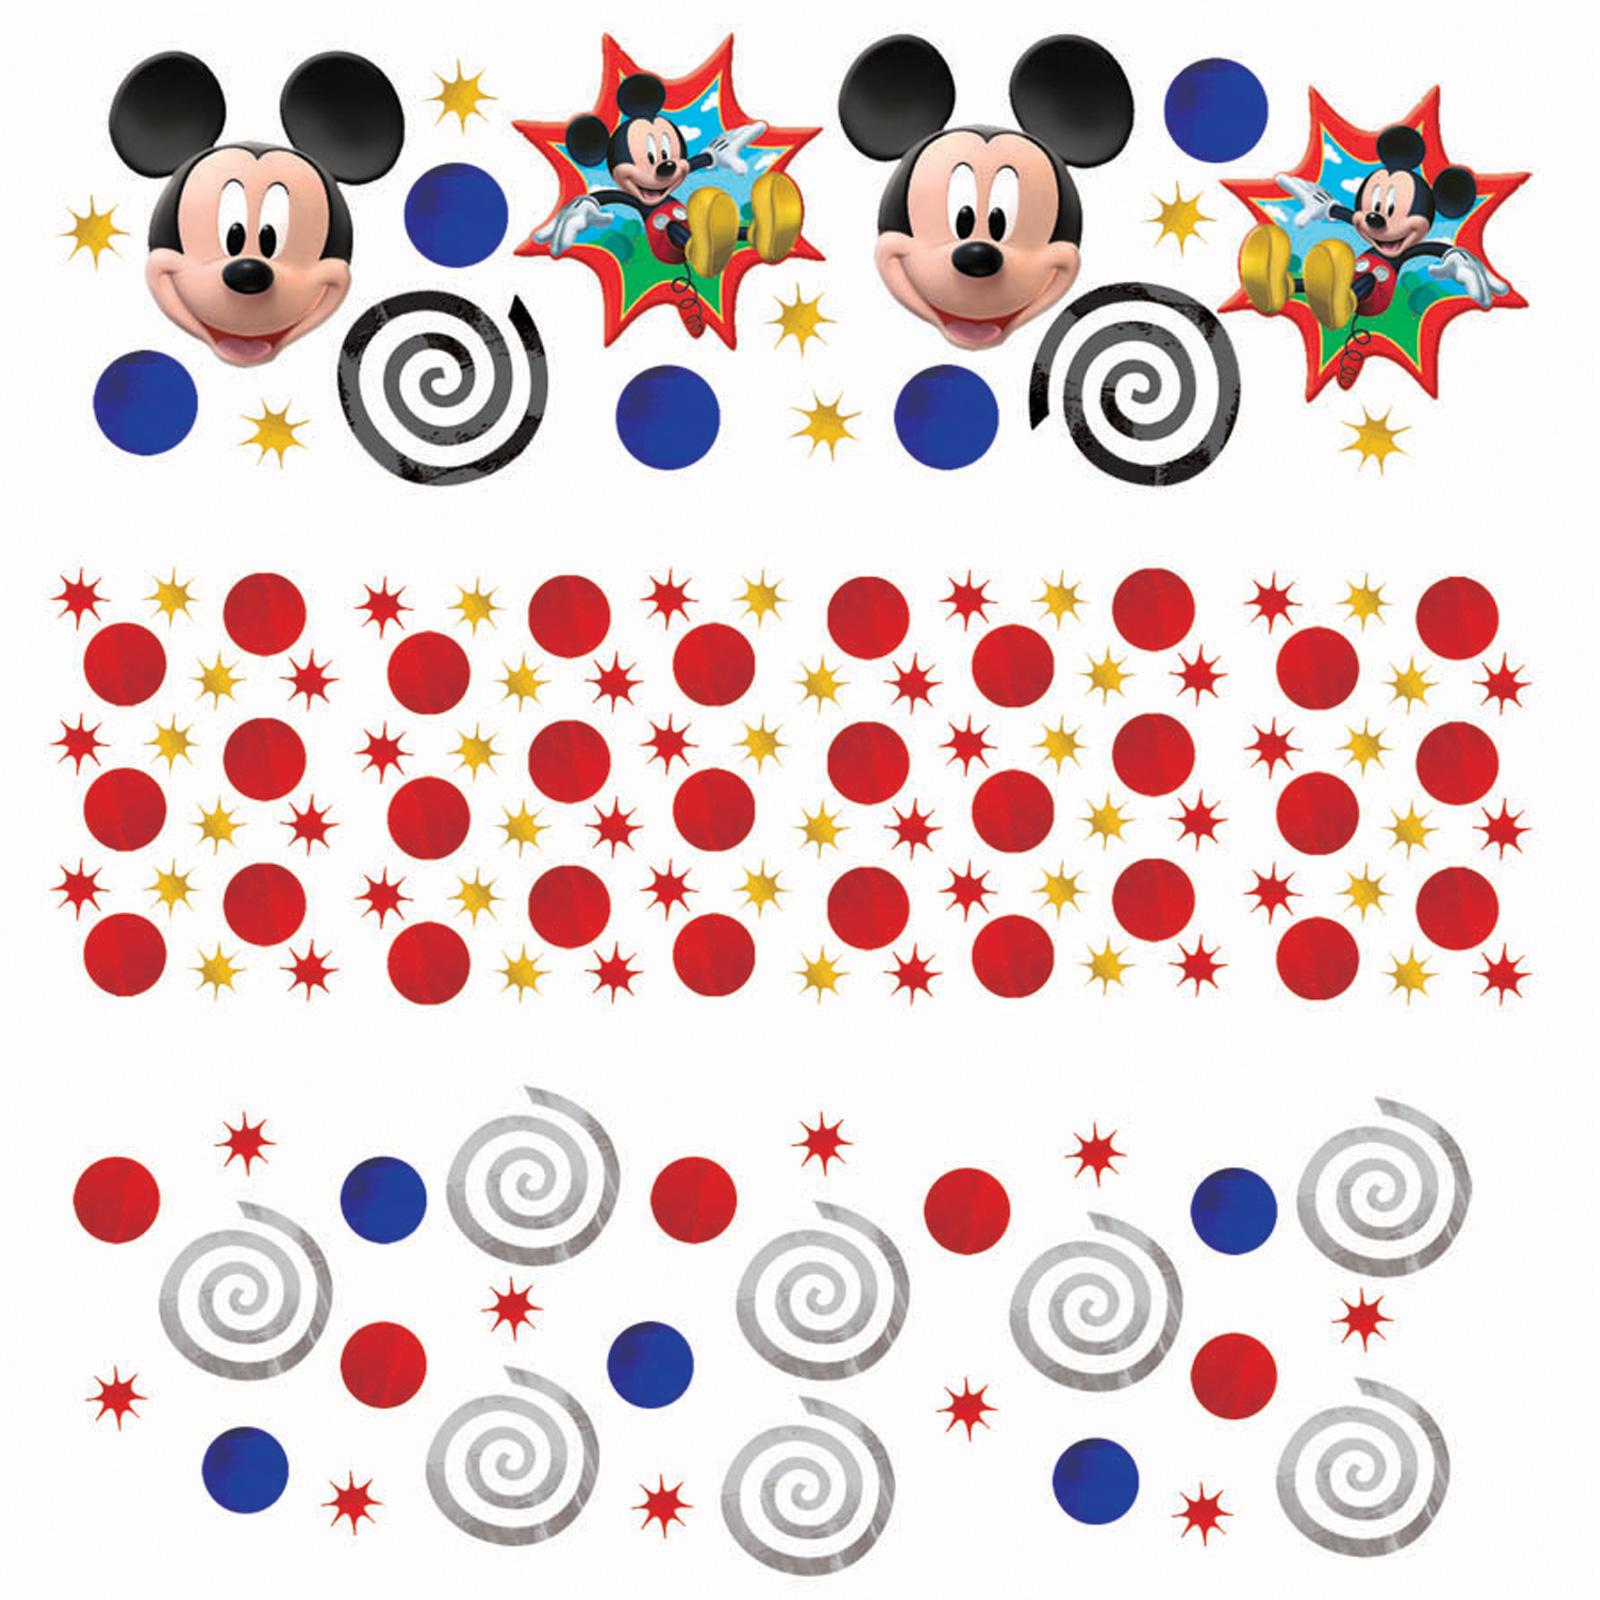 Imprimibles de mickey mouse 12 ideas y material gratis - Pagina de decoracion ...